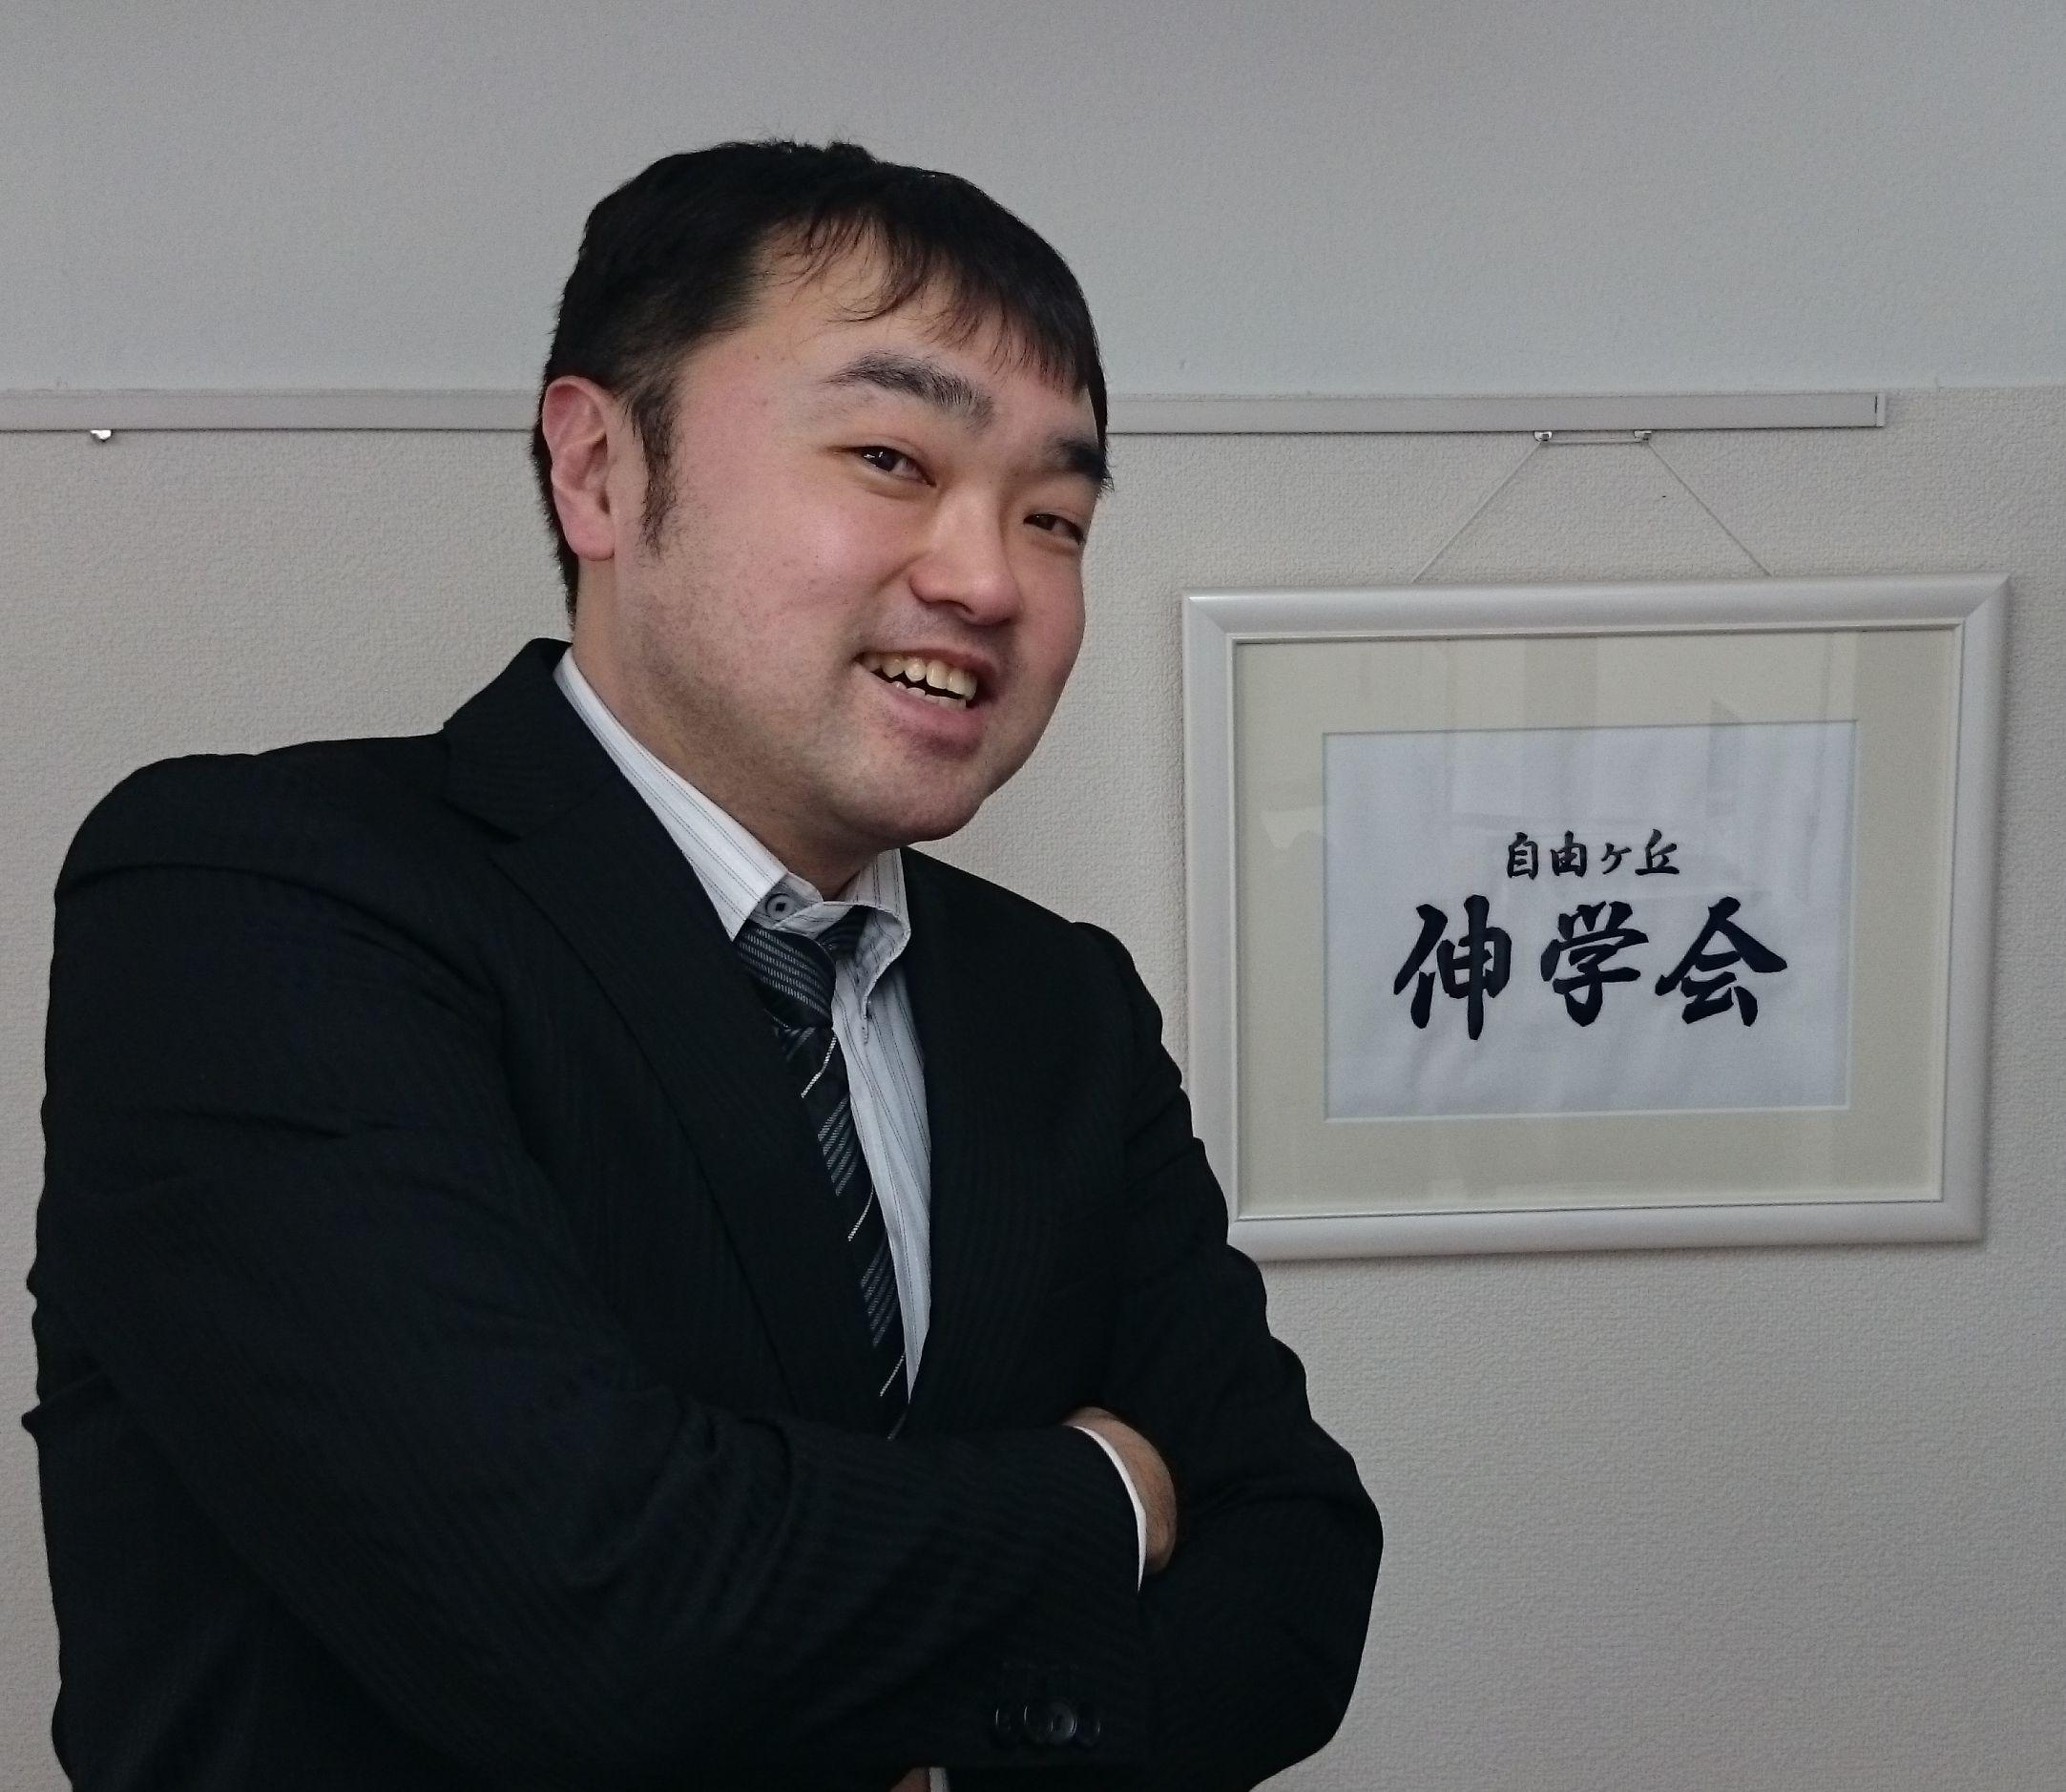 目黒校舎長尾本